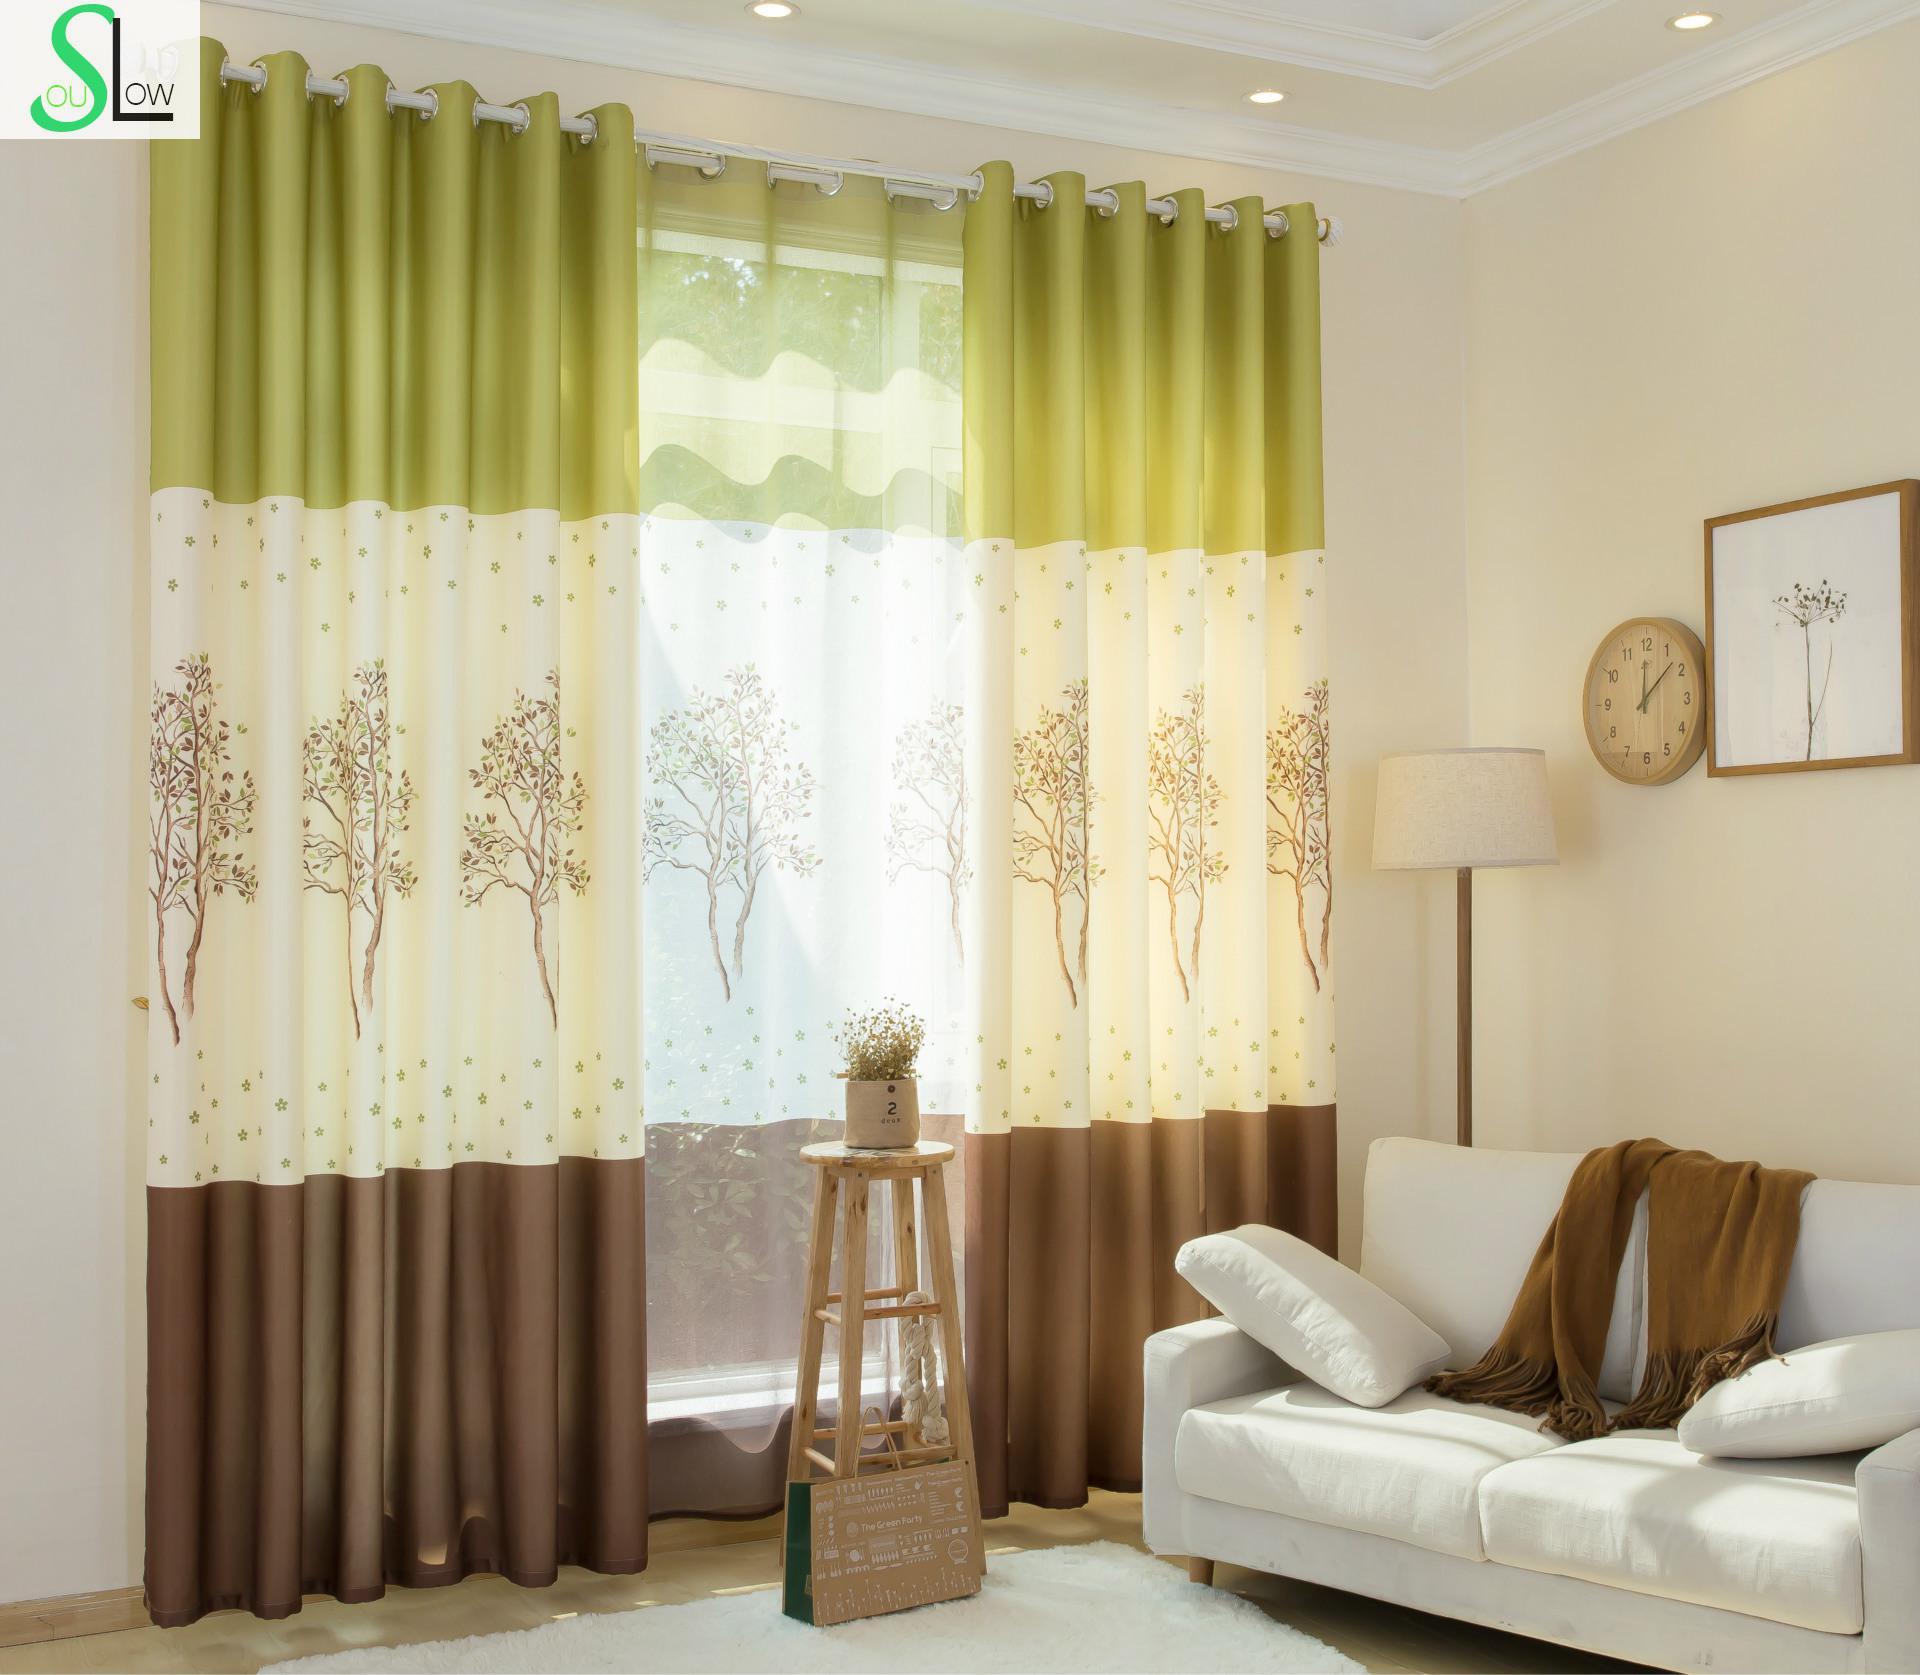 online kaufen großhandel grüne farbe vorhänge aus china ... - Wohnzimmer Grun Blau